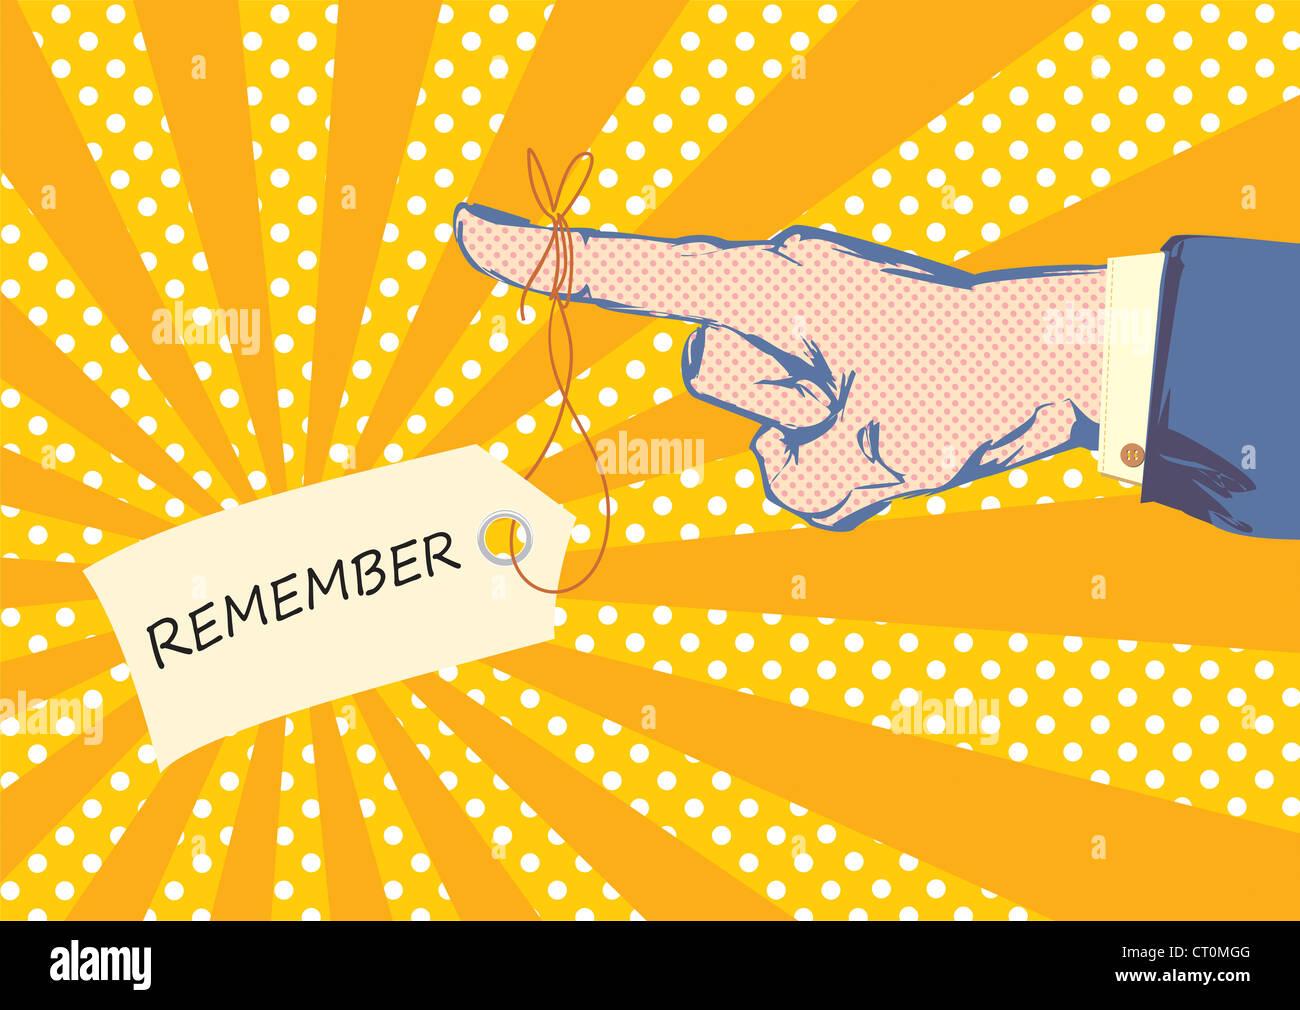 Disegnò la mano e il dito puntato con tuta e Camicia manica in pop art style Immagini Stock